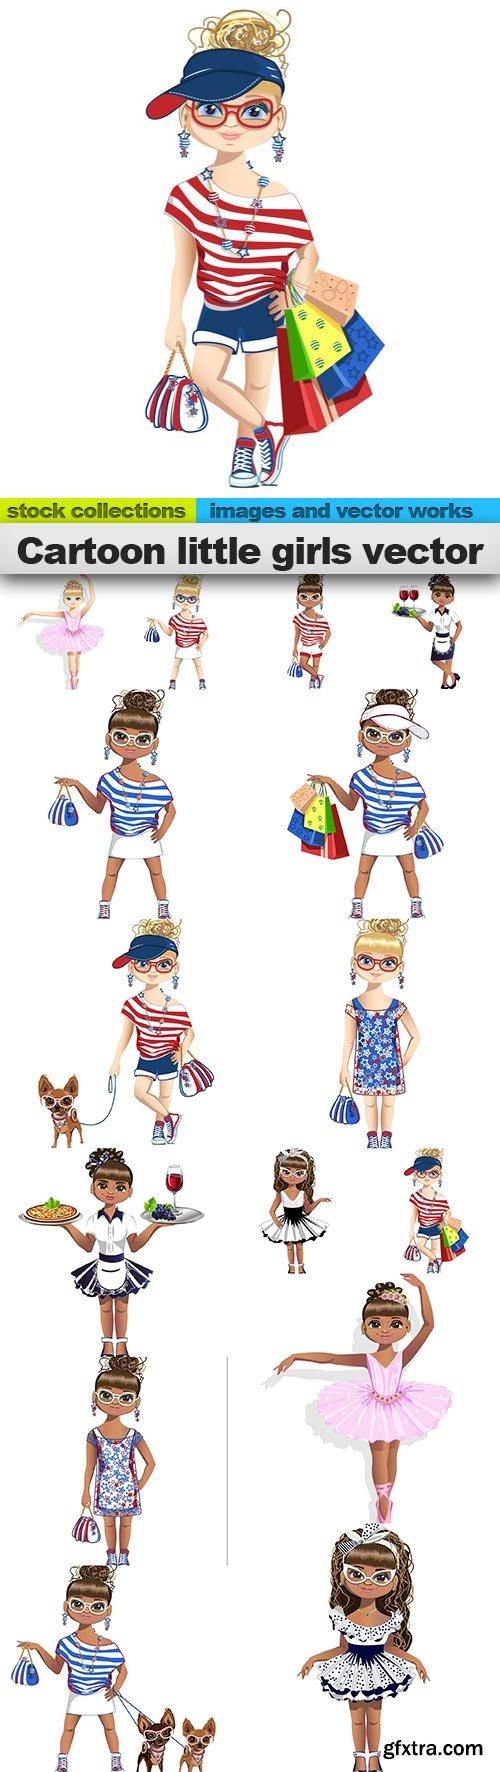 Cartoon little girls vector, 15 x EPS